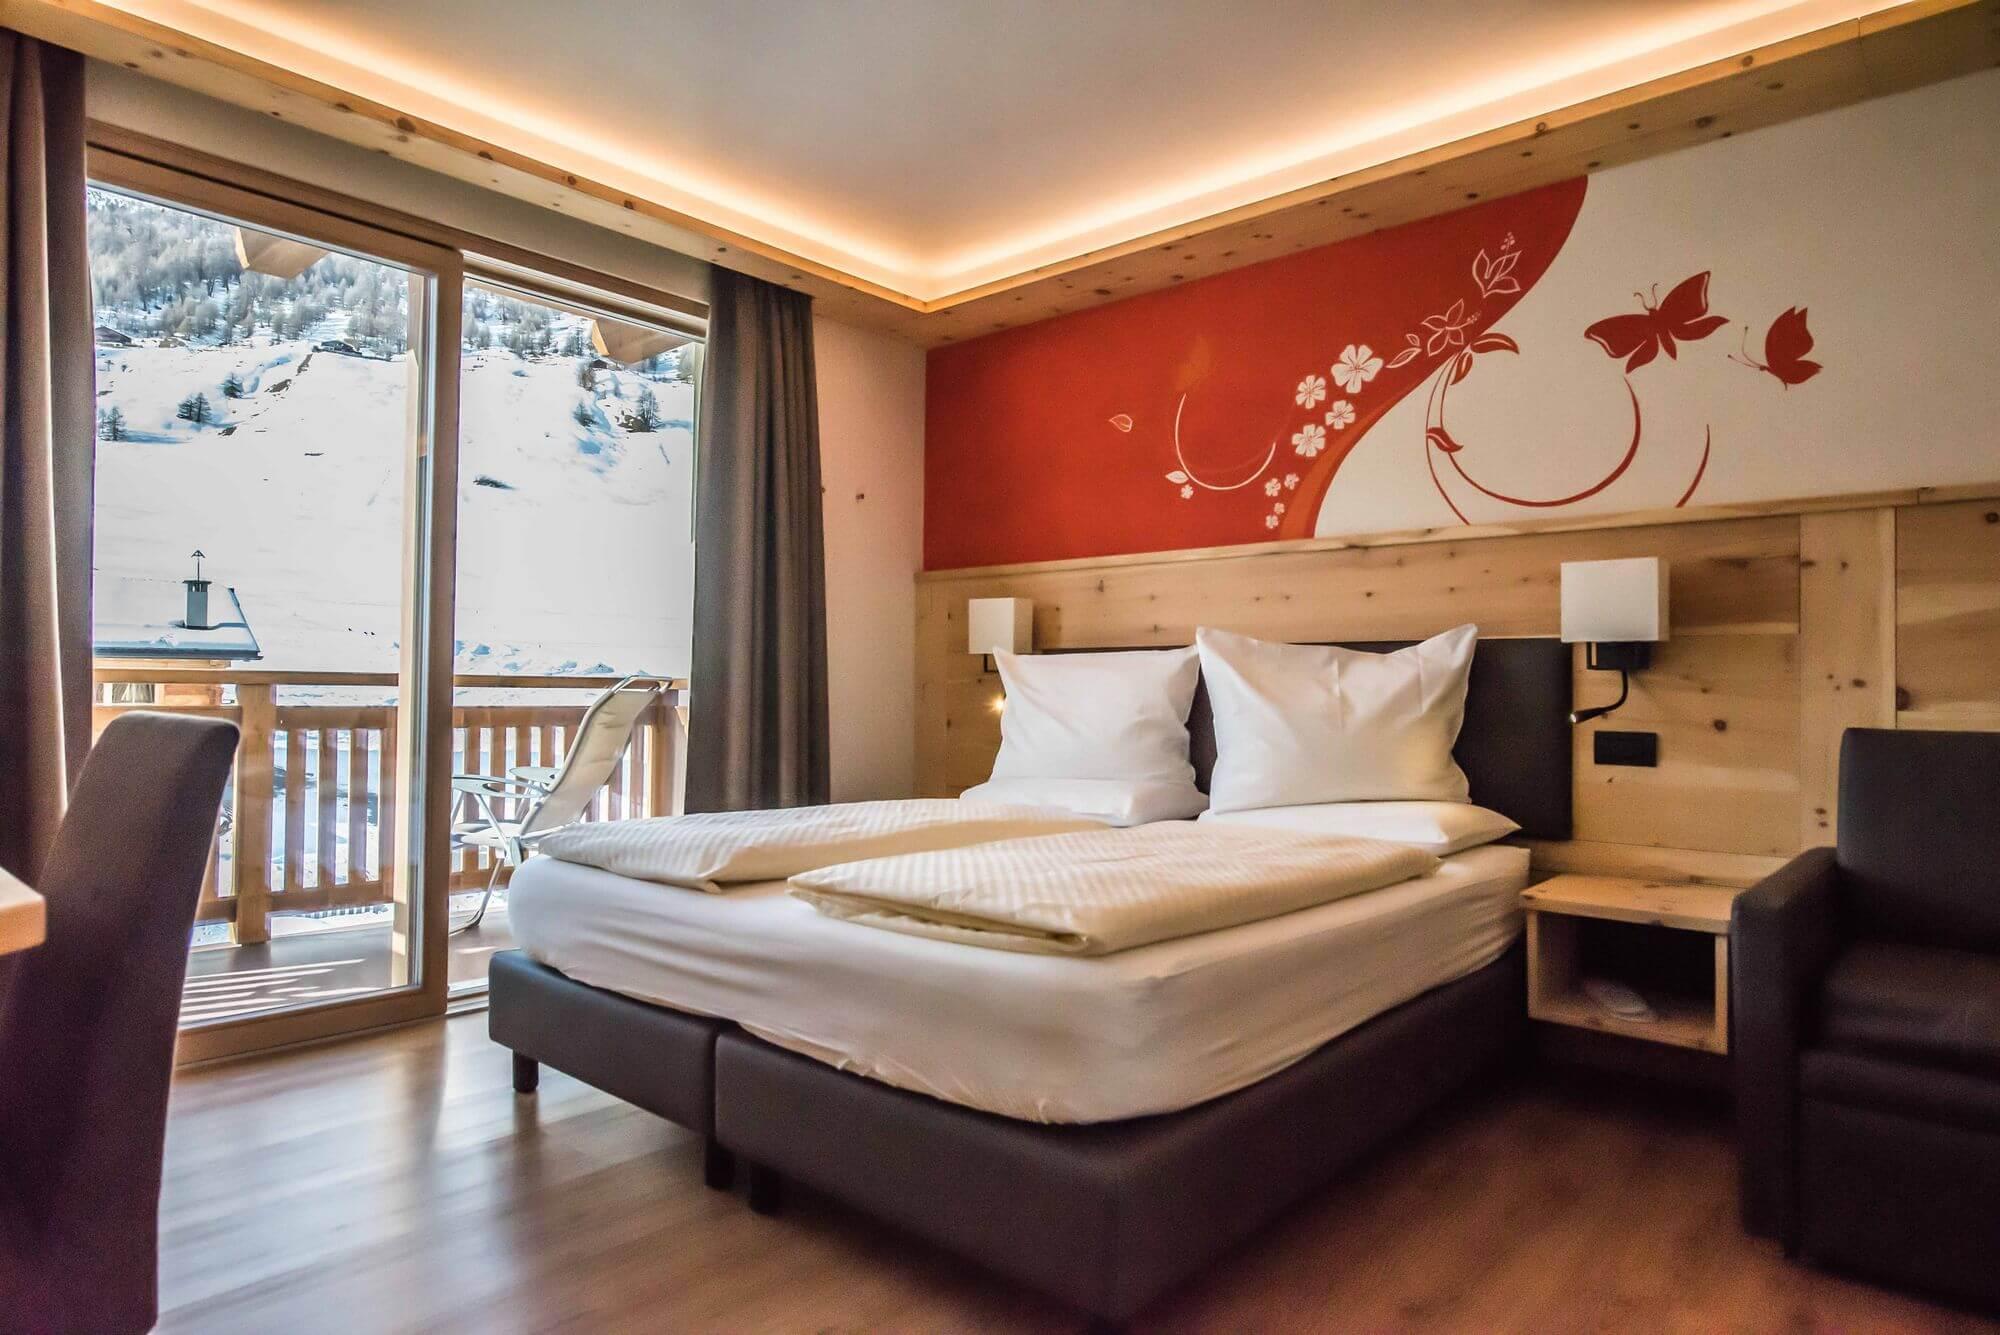 Vacanza rilassante a Livigno: Camera Superior dell'Hotel Le Alpi